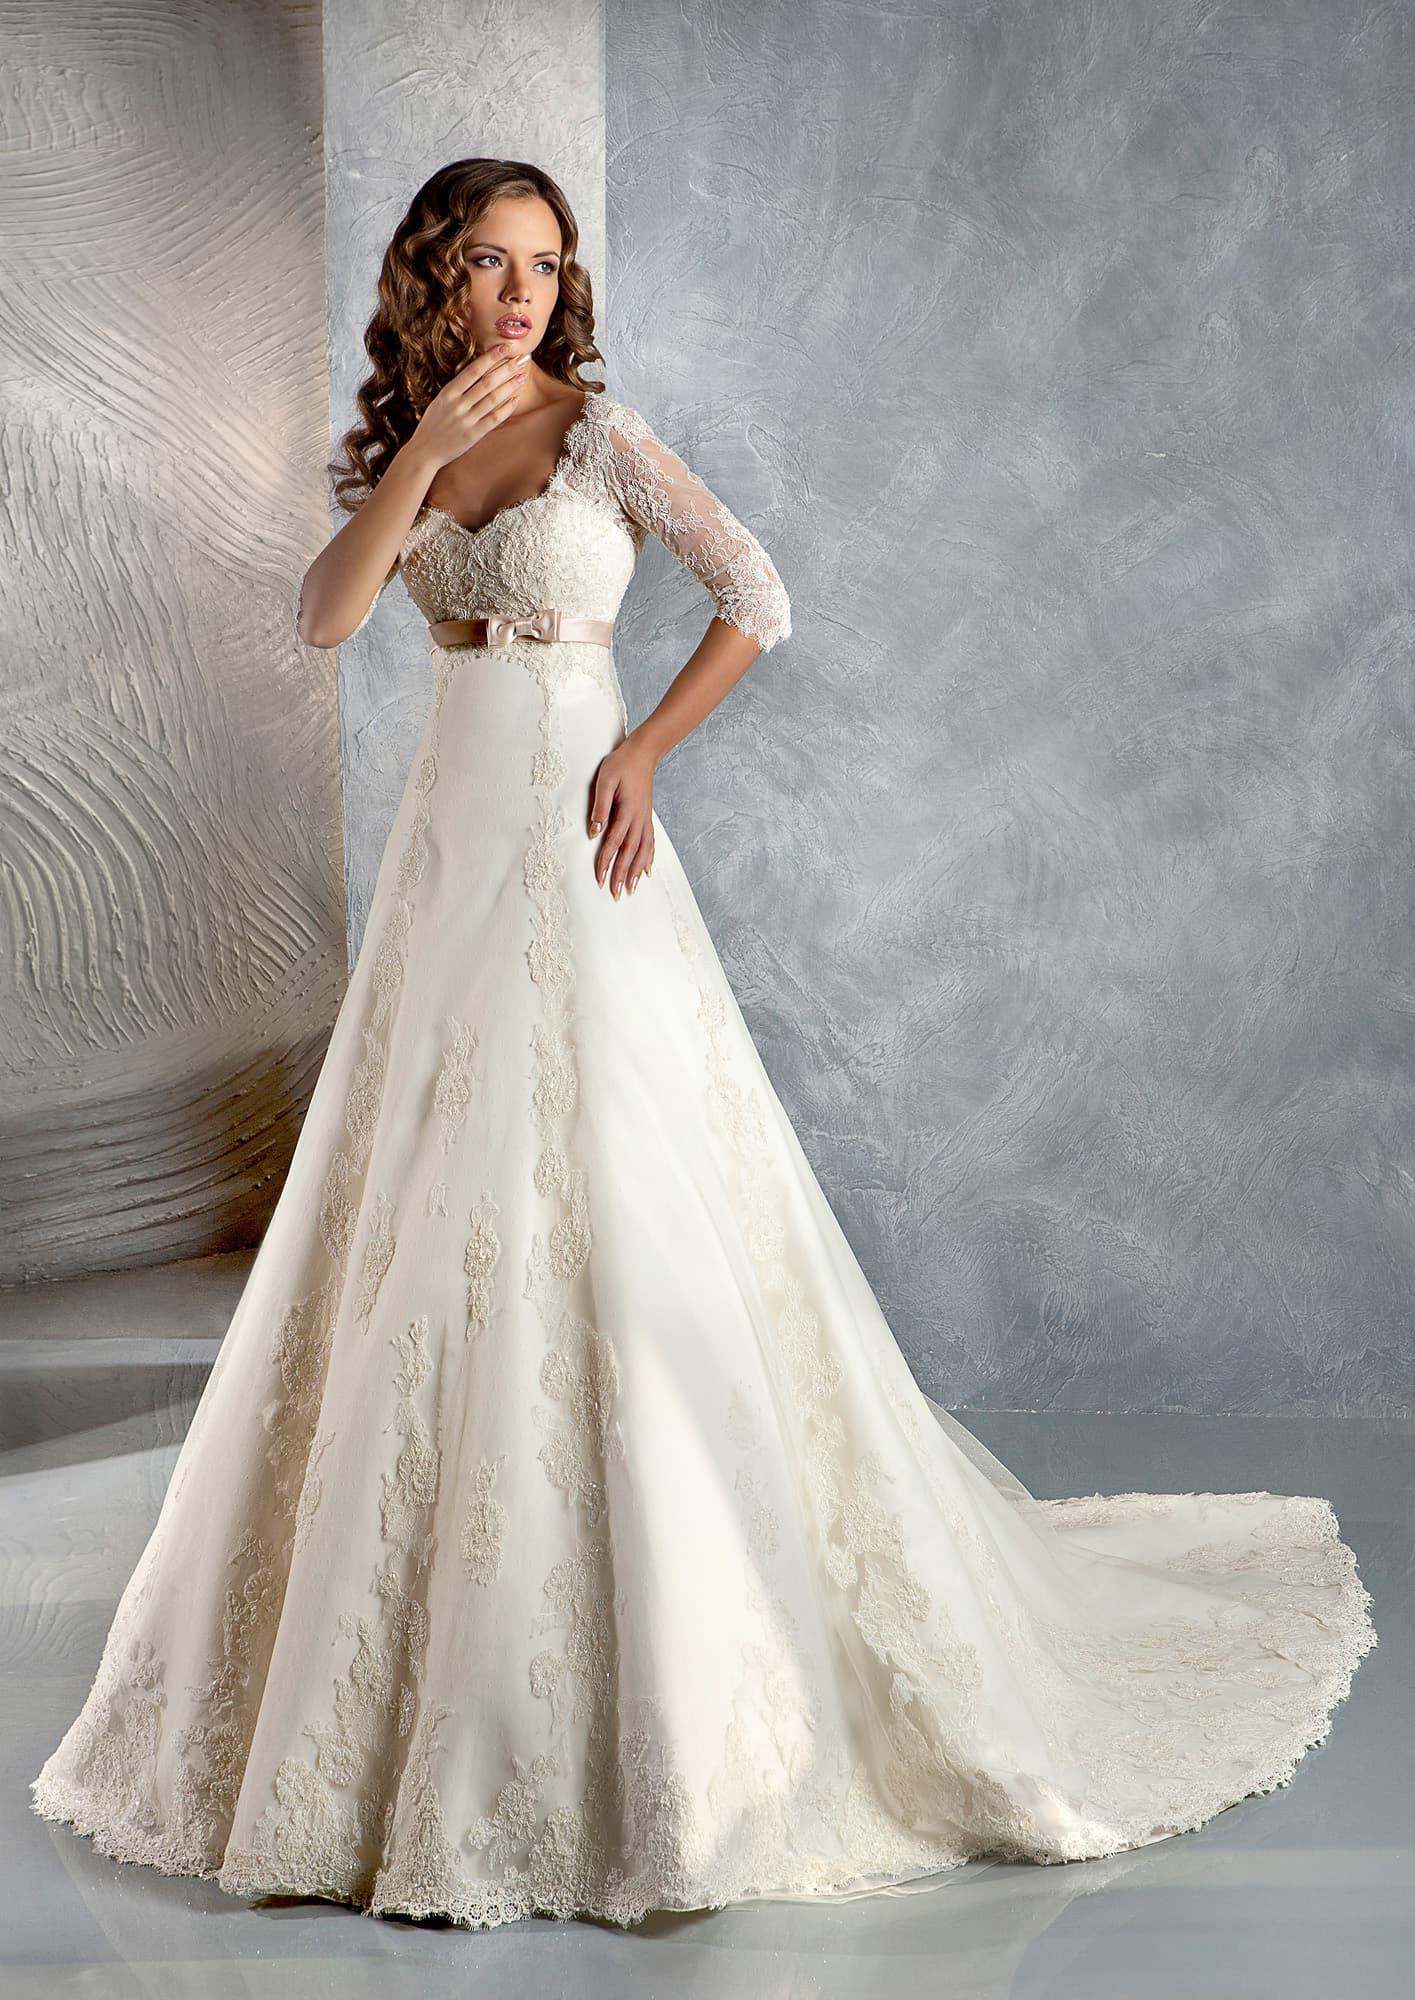 c8cc3ed539e Свадебное платье Gabbiano Нэйджел ▷ Свадебный Торговый Центр Вега в ...